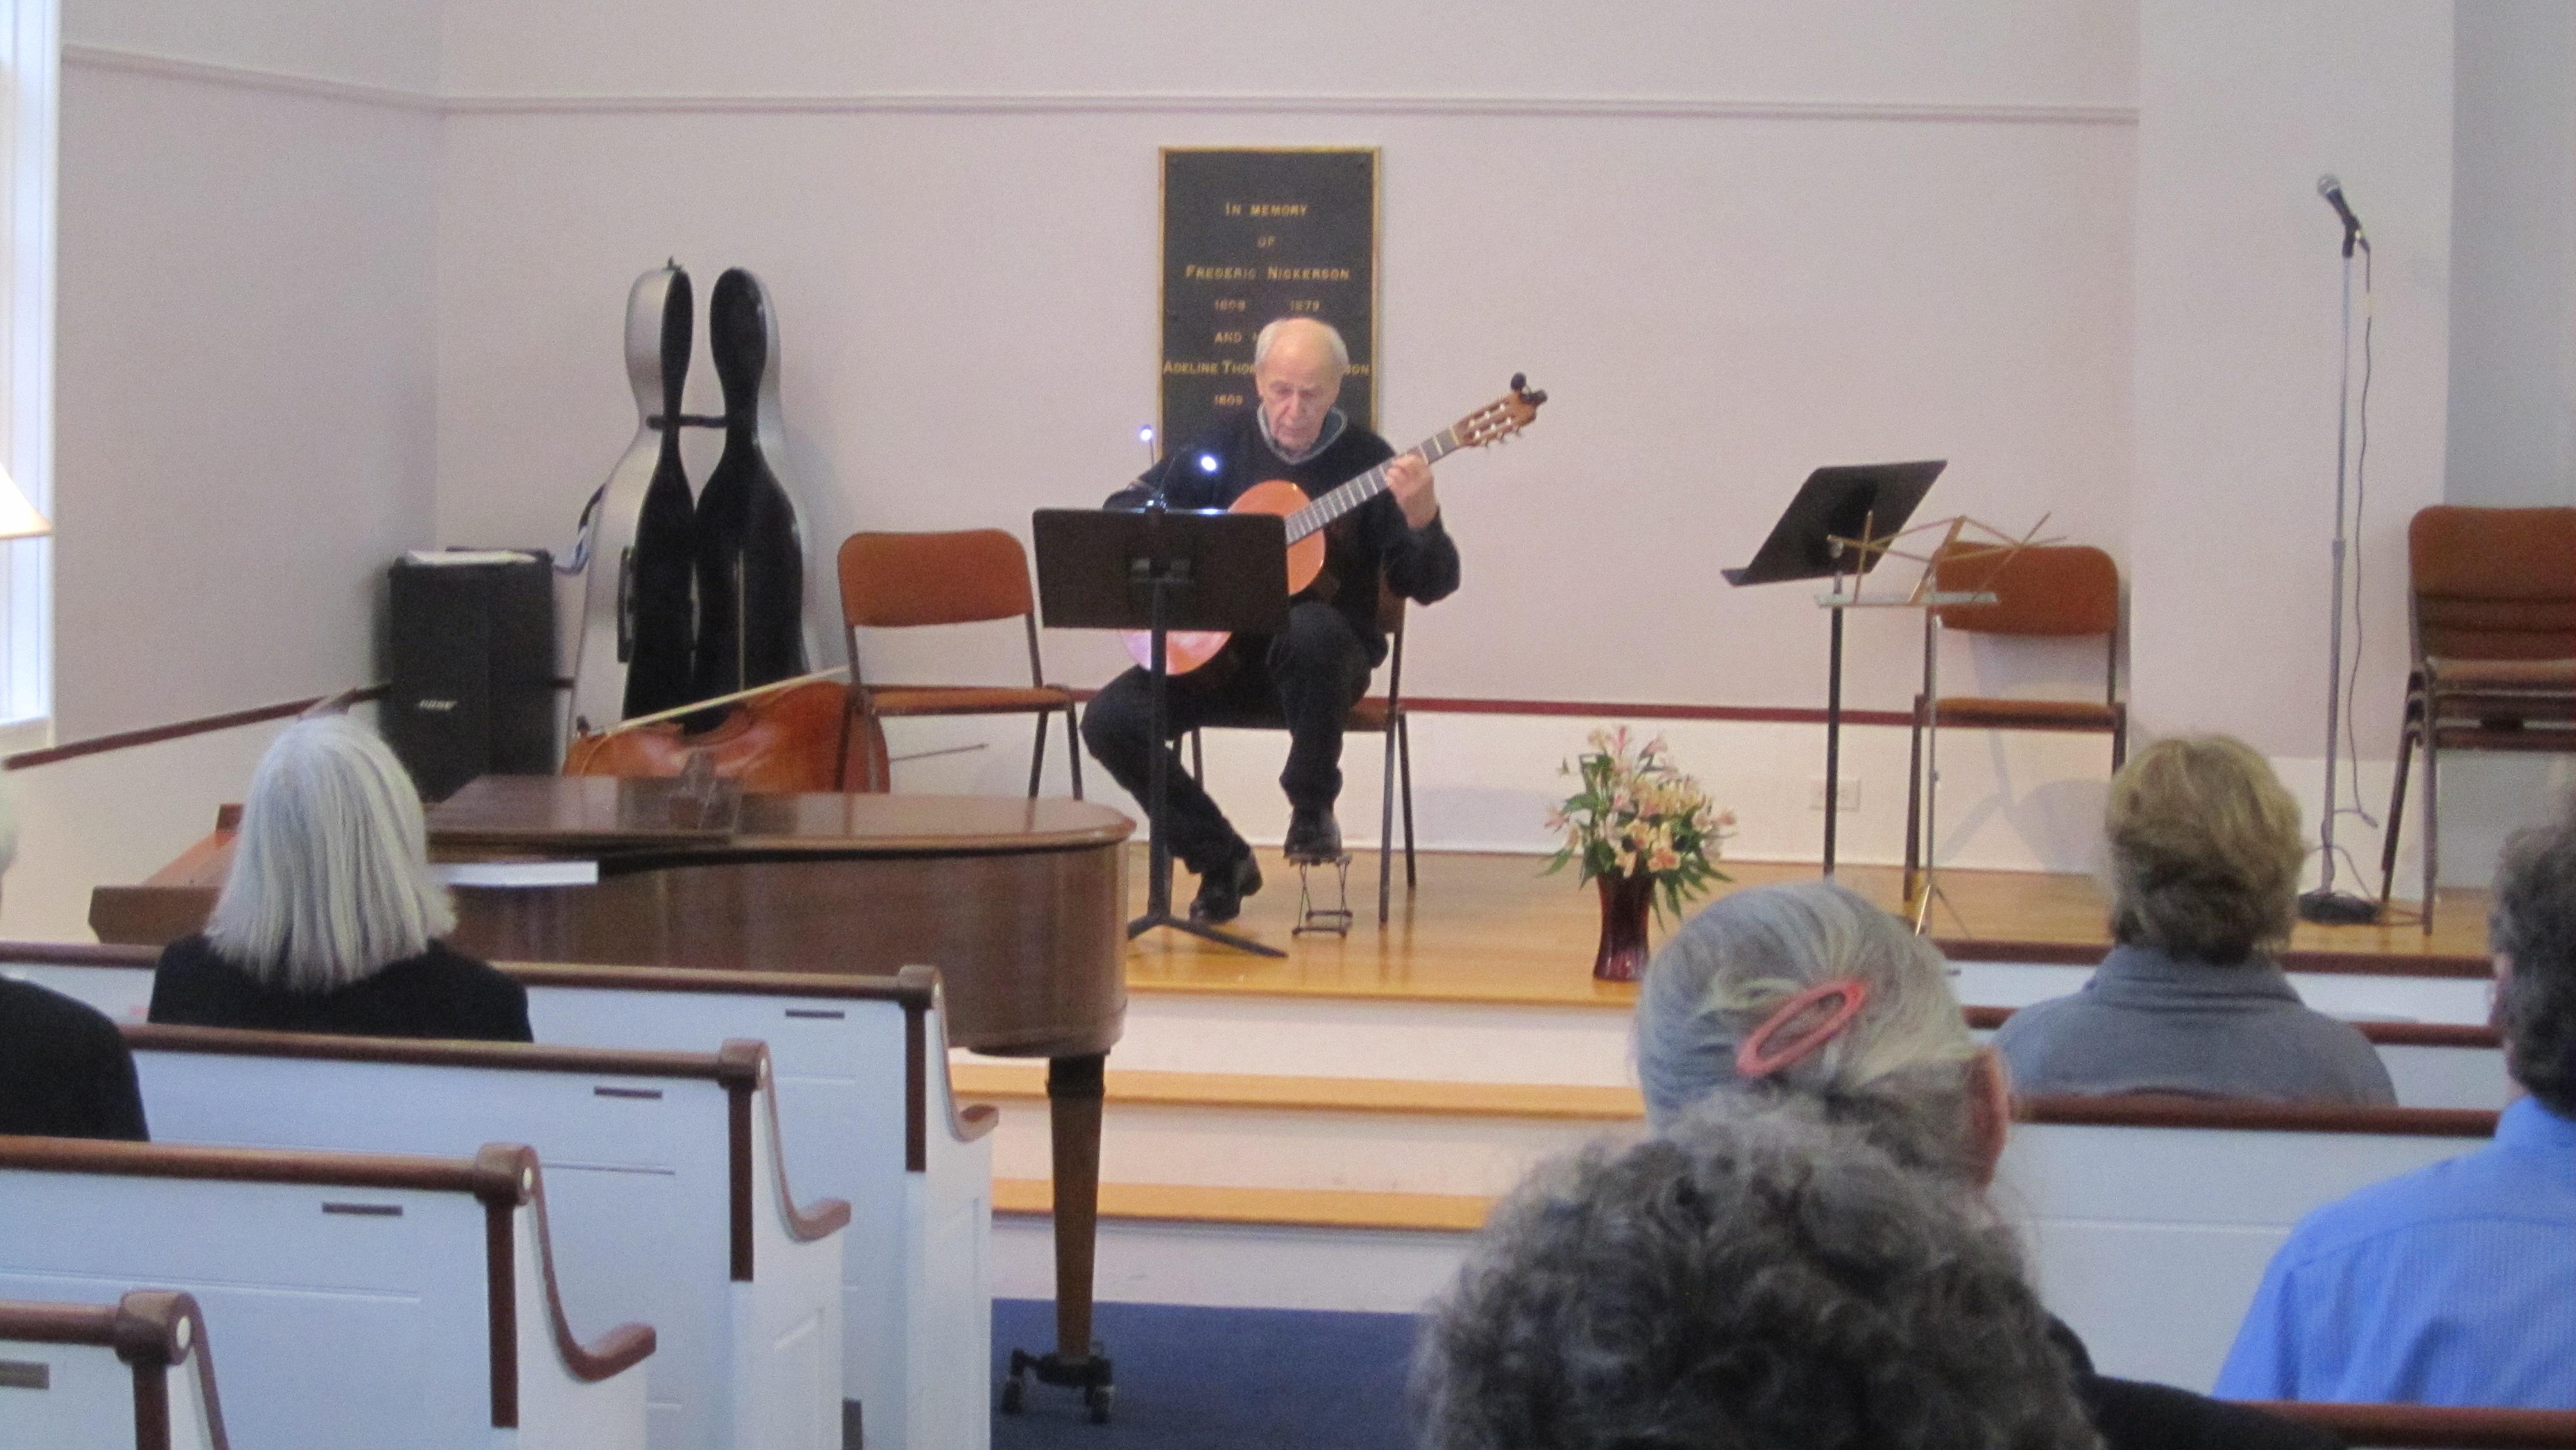 Jim Skinger on guitar